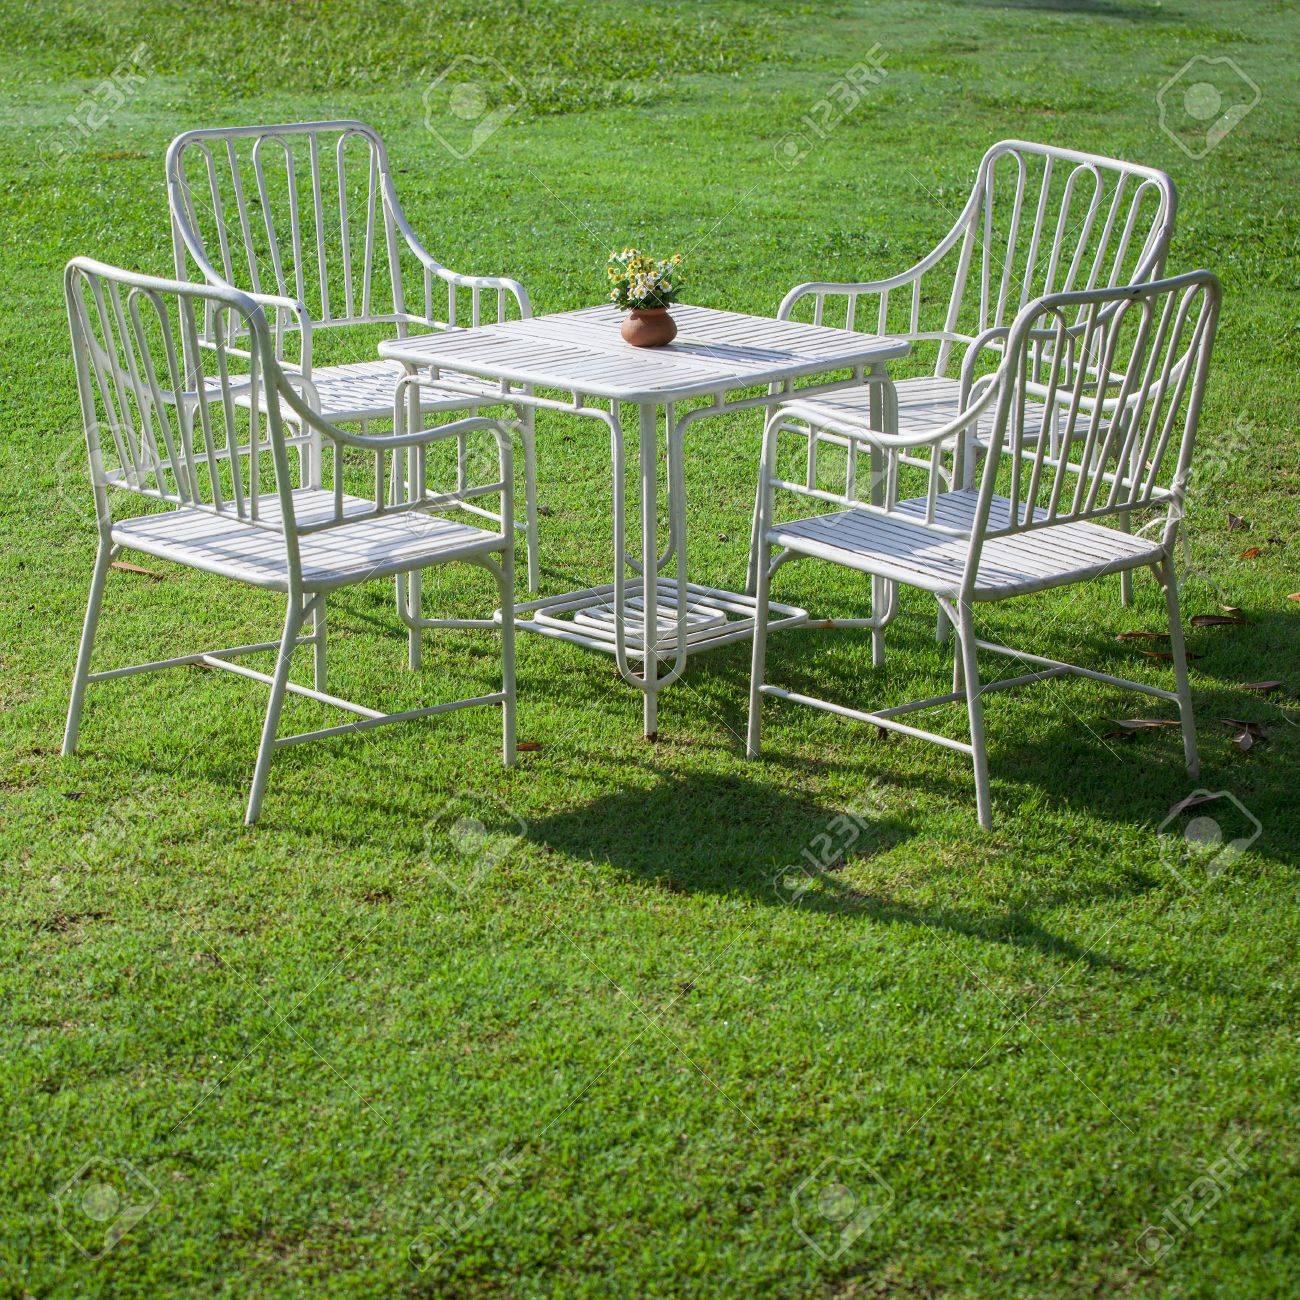 Weiss Gartenmobel Auf Grunem Gras Lizenzfreie Fotos Bilder Und Stock